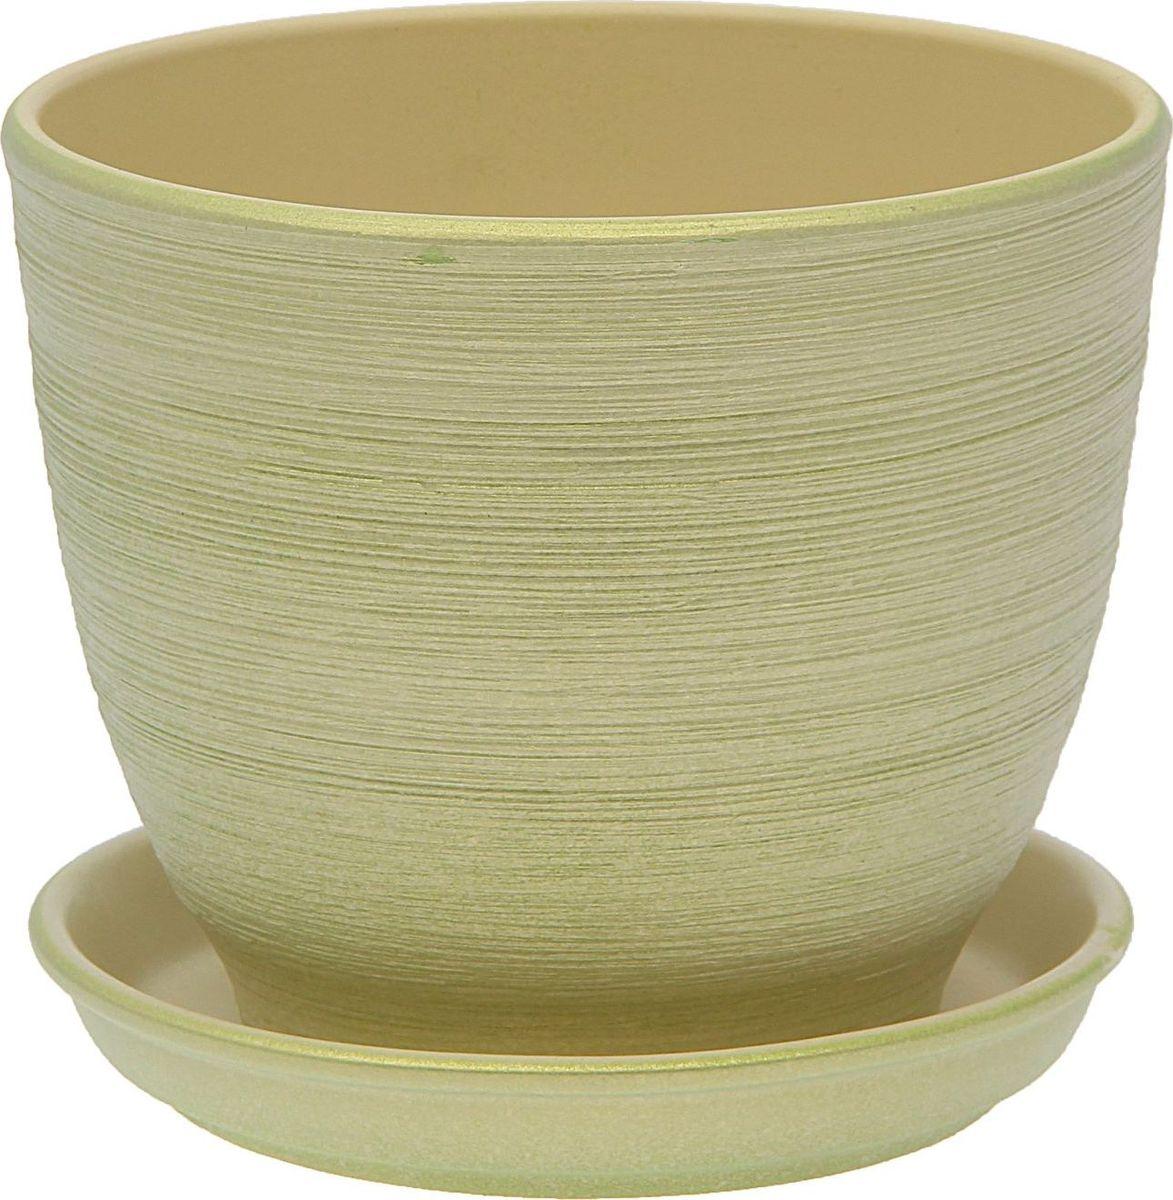 Горшок для цветов Керамика ручной работы Кедр, цвет: салатовый, 2,5 л1873506